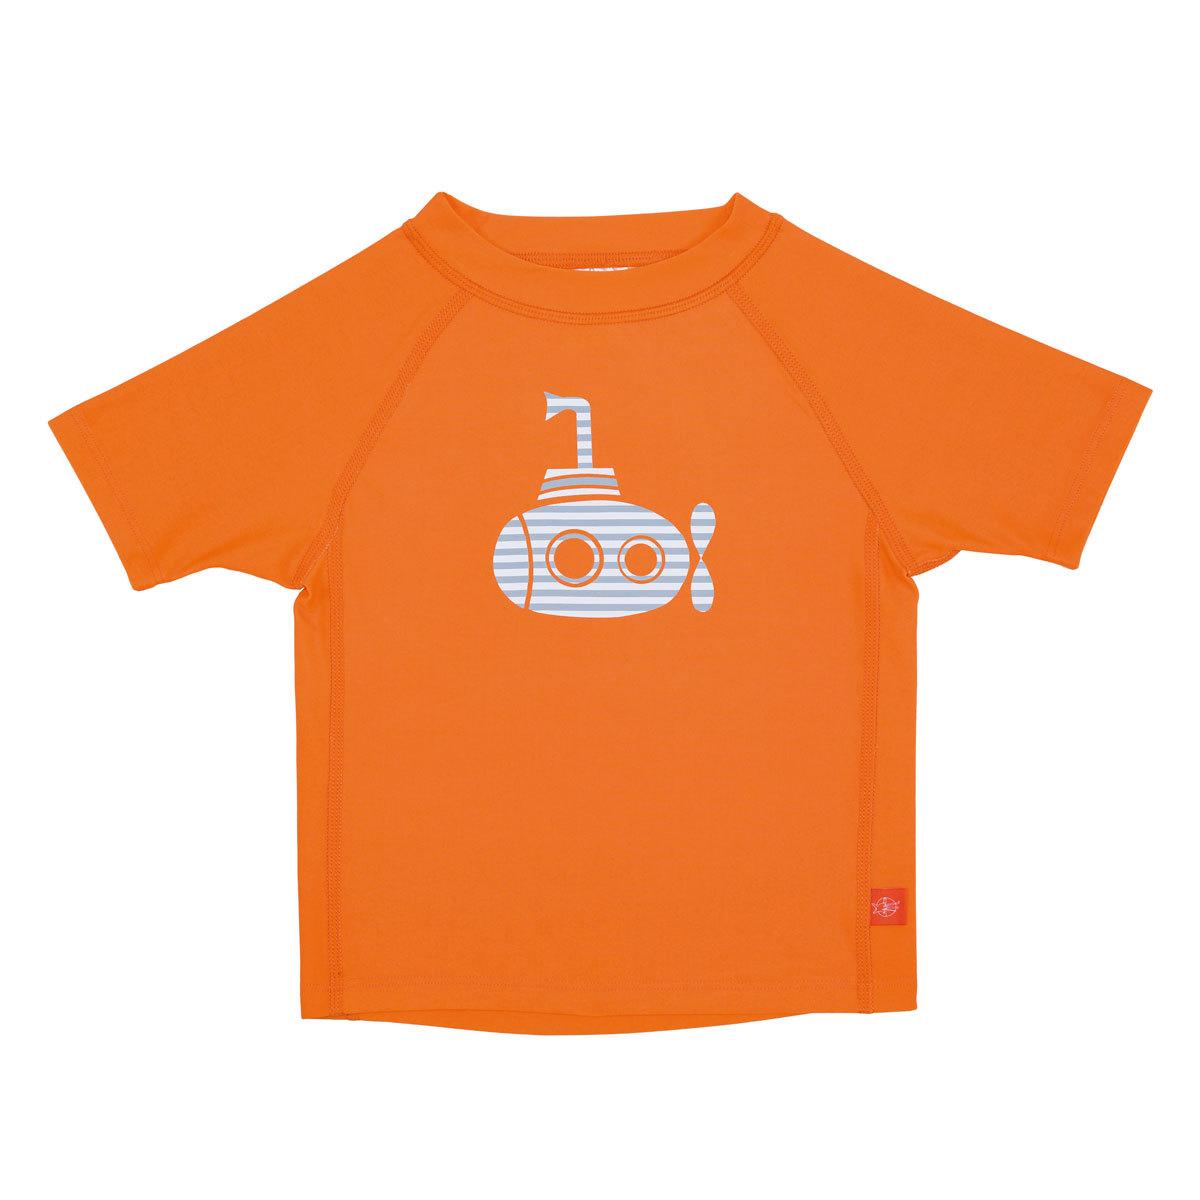 Accessoires Bébé T-Shirt Anti-UV Manches Courtes  - Sous-Marin - 6 mois T-Shirt Anti-UV Manches Courtes  - Sous-Marin - 6 mois